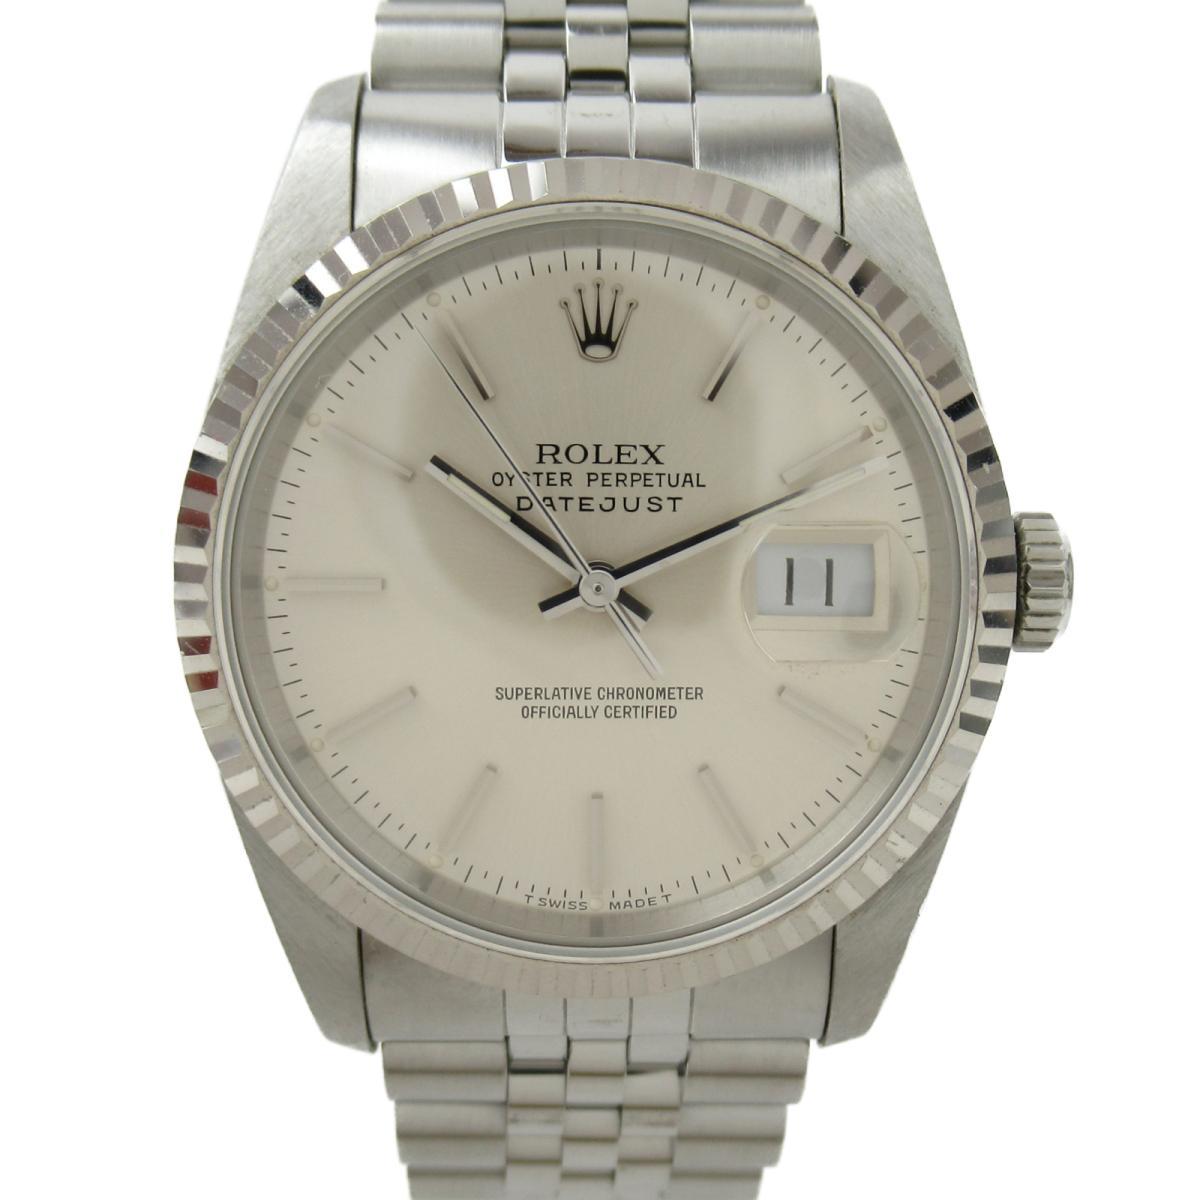 【中古】 ロレックス デイトジャスト ウォッチ 腕時計 メンズ K18WG (750)ホワイトゴールド x ステンレススチール (SS) (16234 E番) | ROLEX BRANDOFF ブランドオフ ブランド ブランド時計 ブランド腕時計 時計